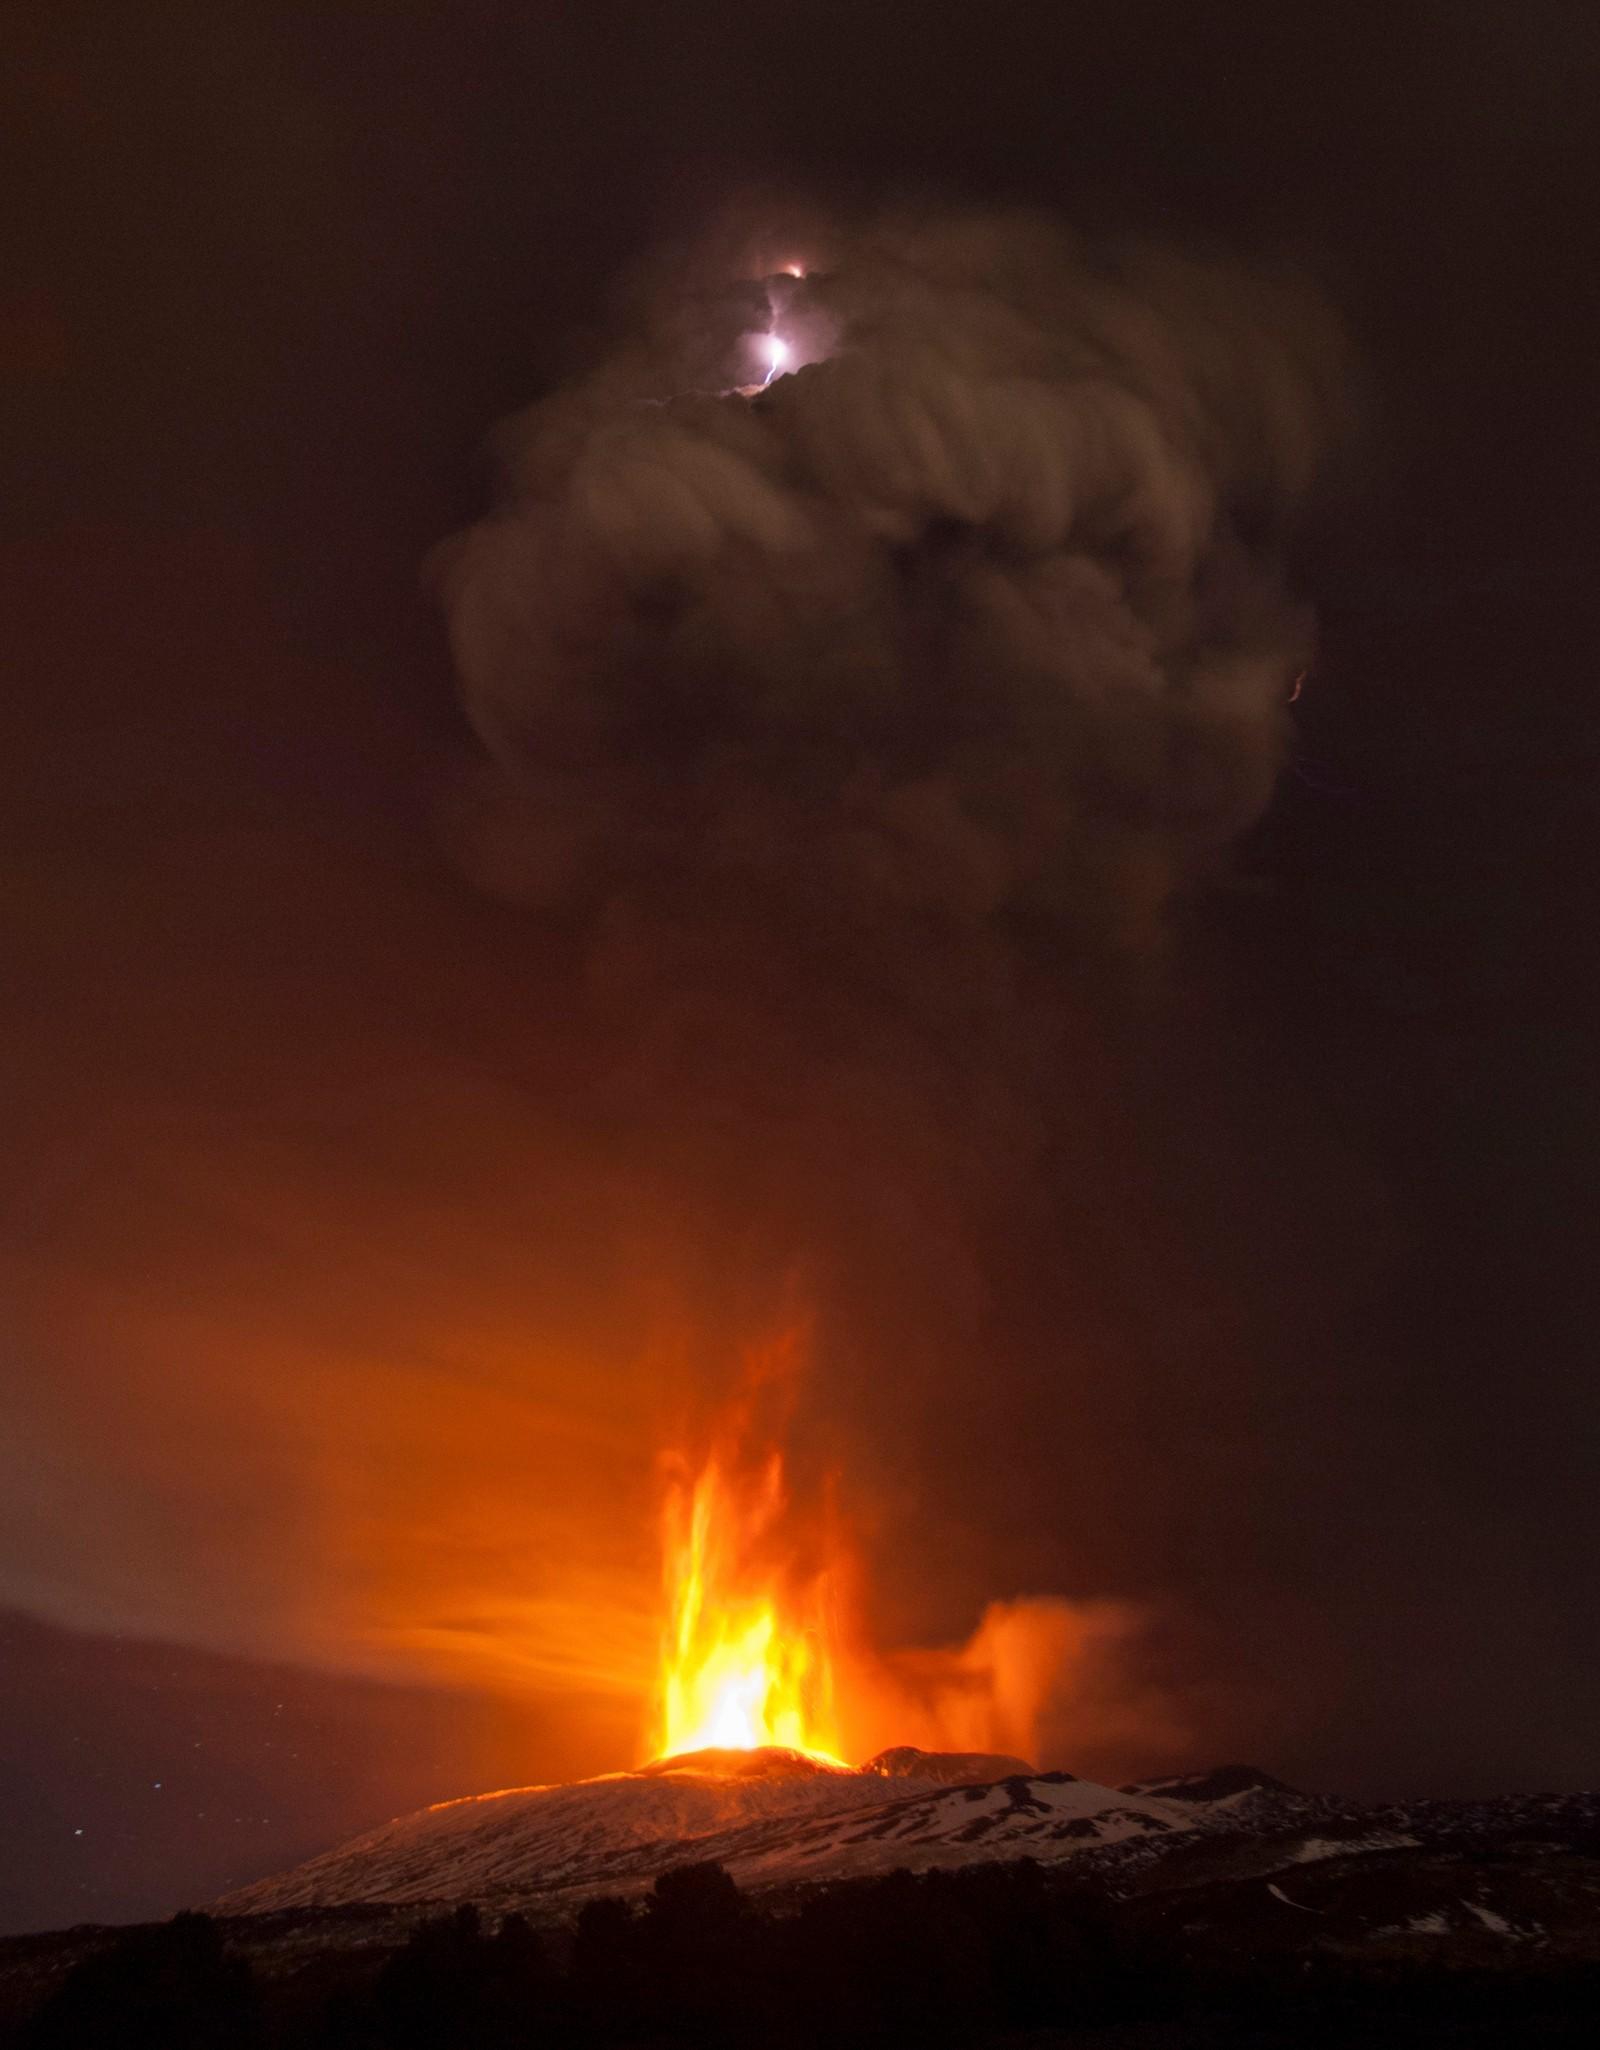 Fotografen Salvatore Allegra i nyhetsbyrået AP tok et virkelig blinkskudd denne uka da han fanget et lynnedslag som slo ned i røyk fra vulkanen Etna i Italia.